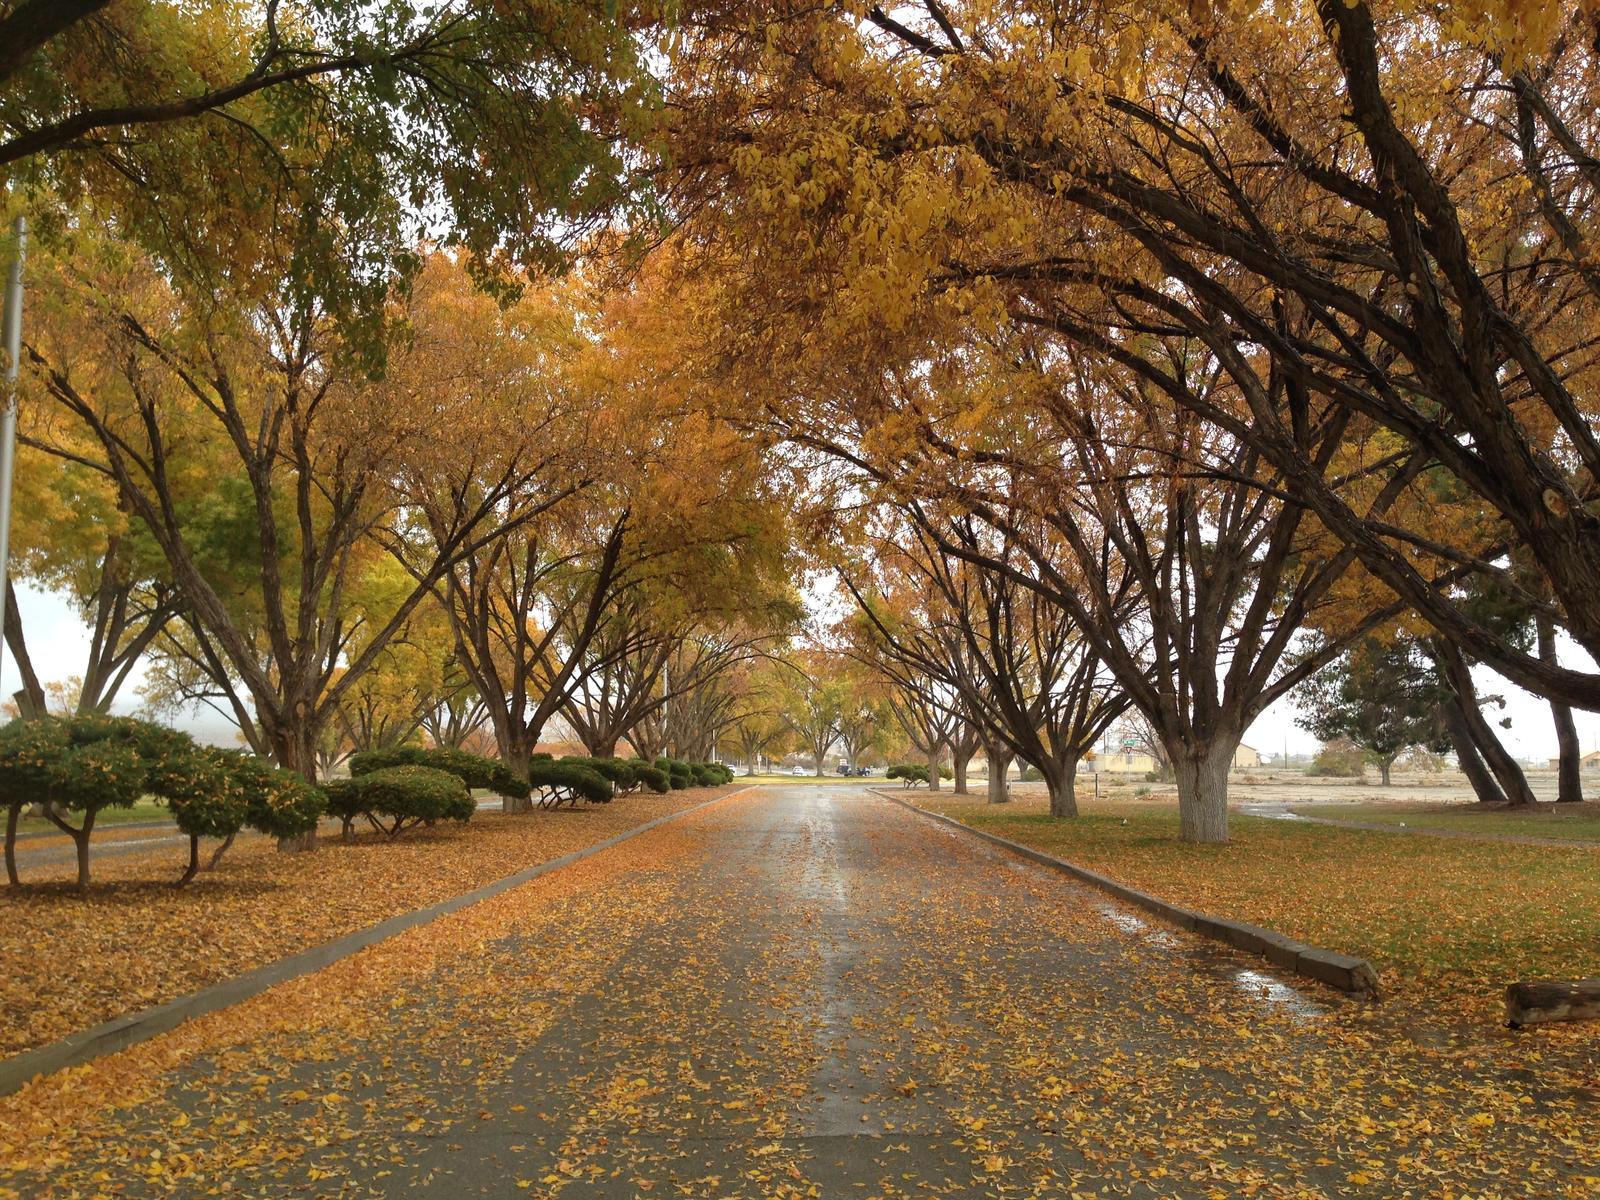 Down Memory Lane by AthenaIce